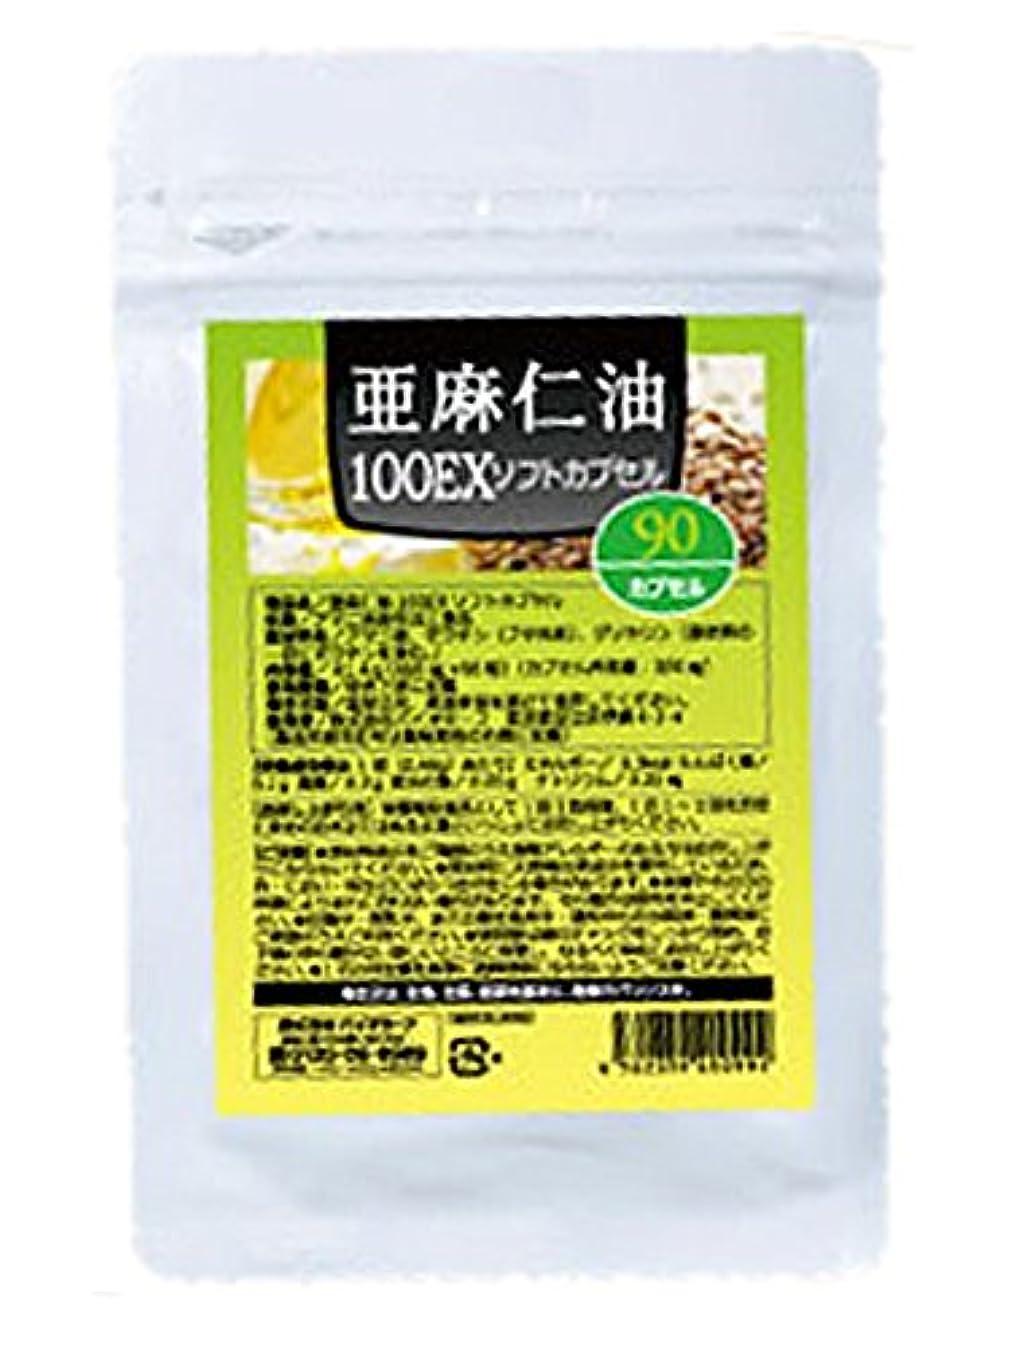 コスチューム教科書与える亜麻仁油100EXソフトカプセル 90粒入